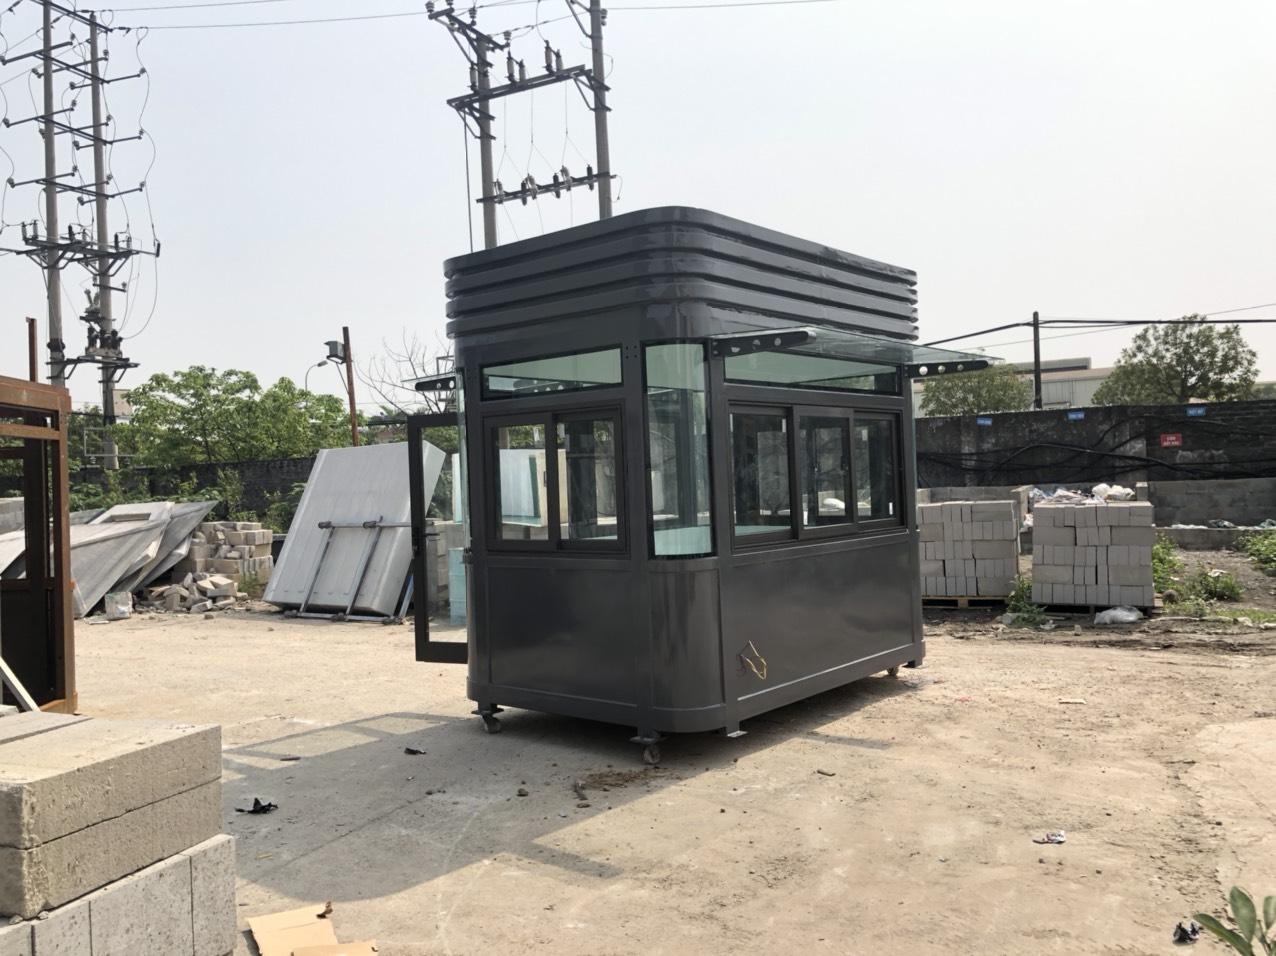 Cung cấp và lắp đặt chốt bảo vệ tại Hà Nội